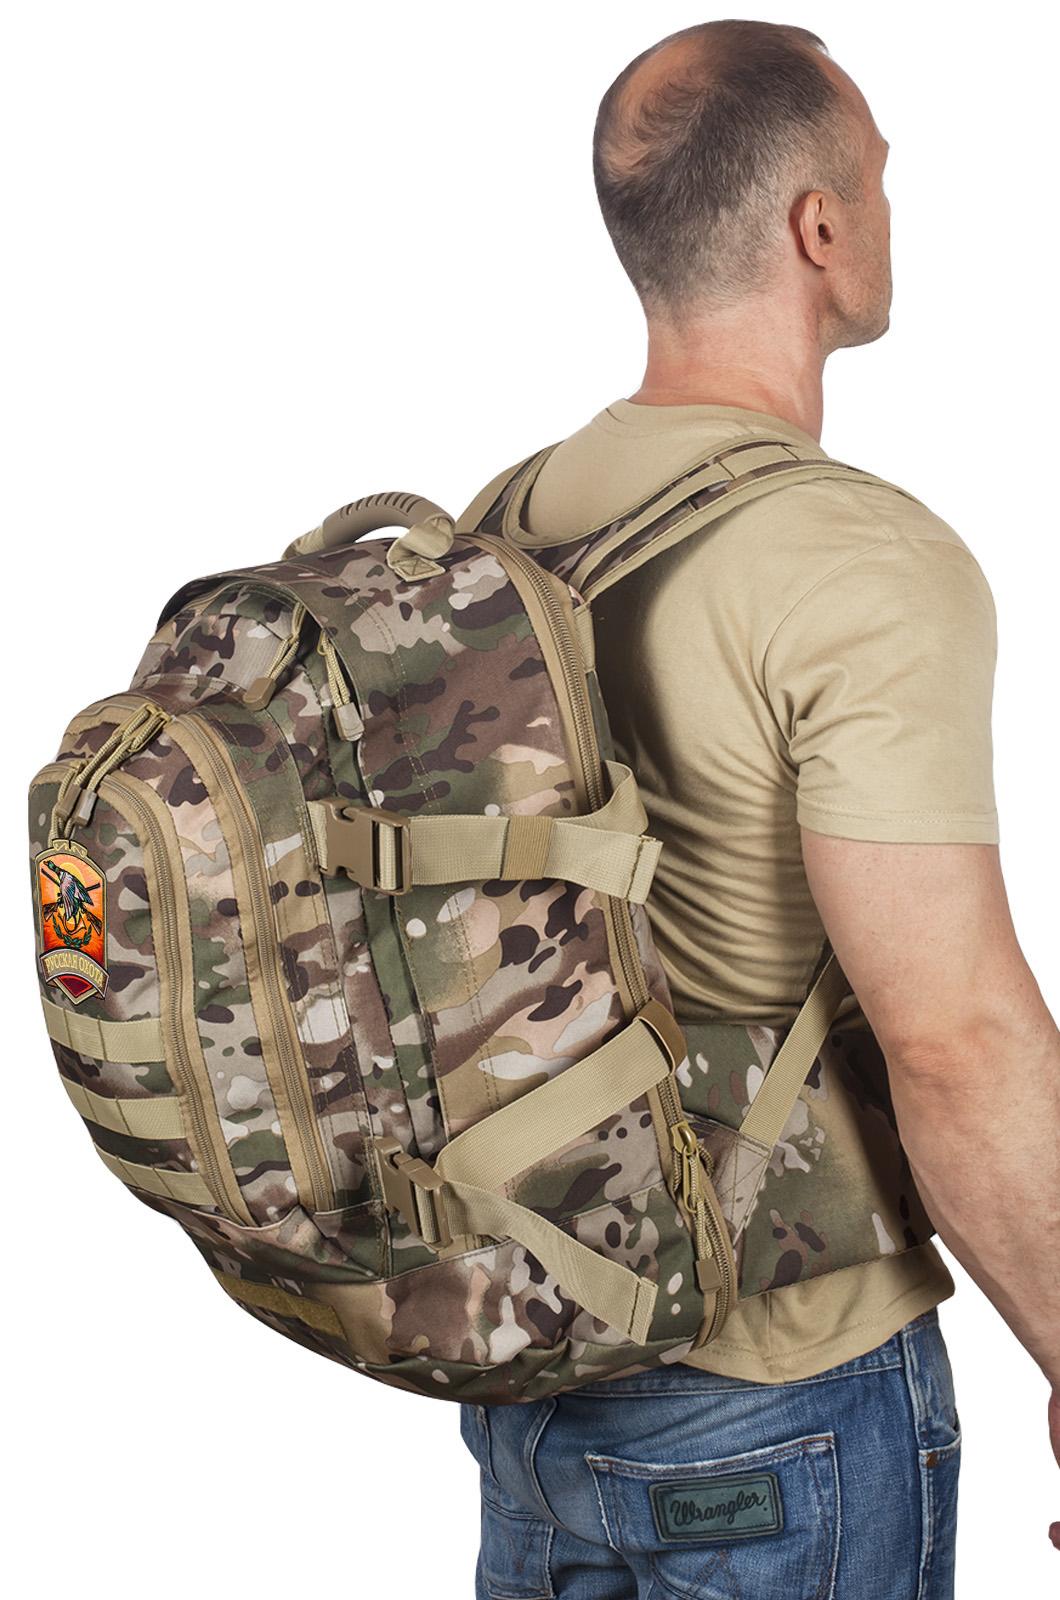 Камуфляжный трехдневный рюкзак с нашивкой Русская Охота - купить онлайн